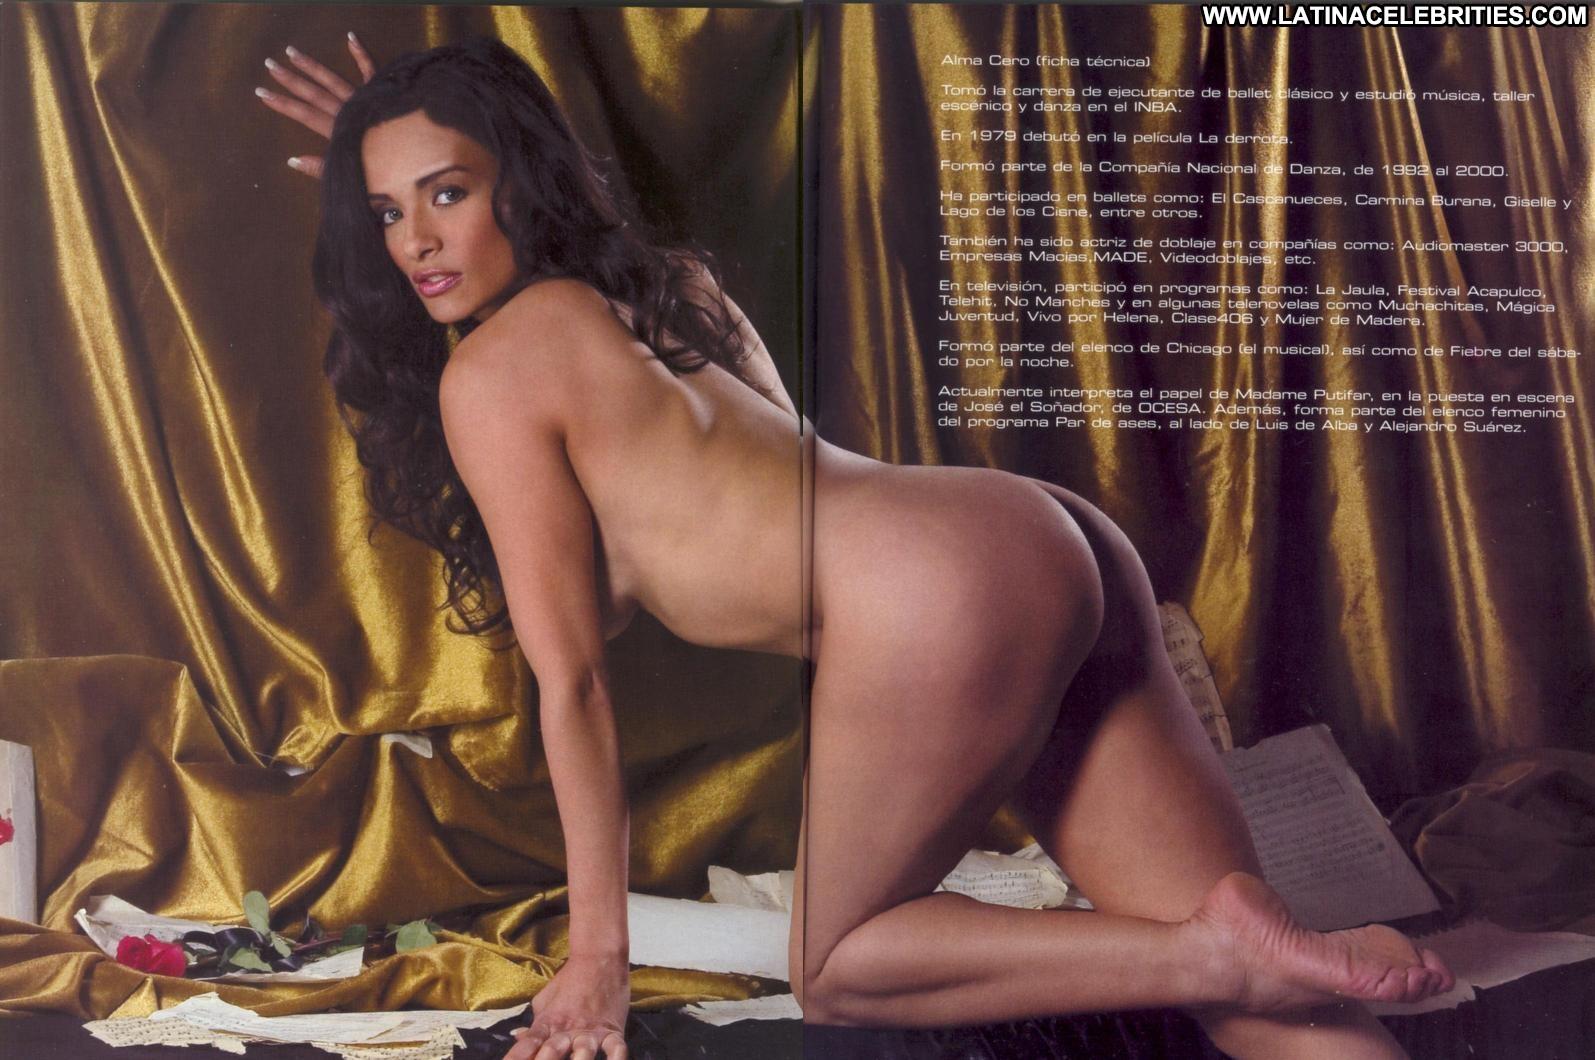 Bryan callen nude photos